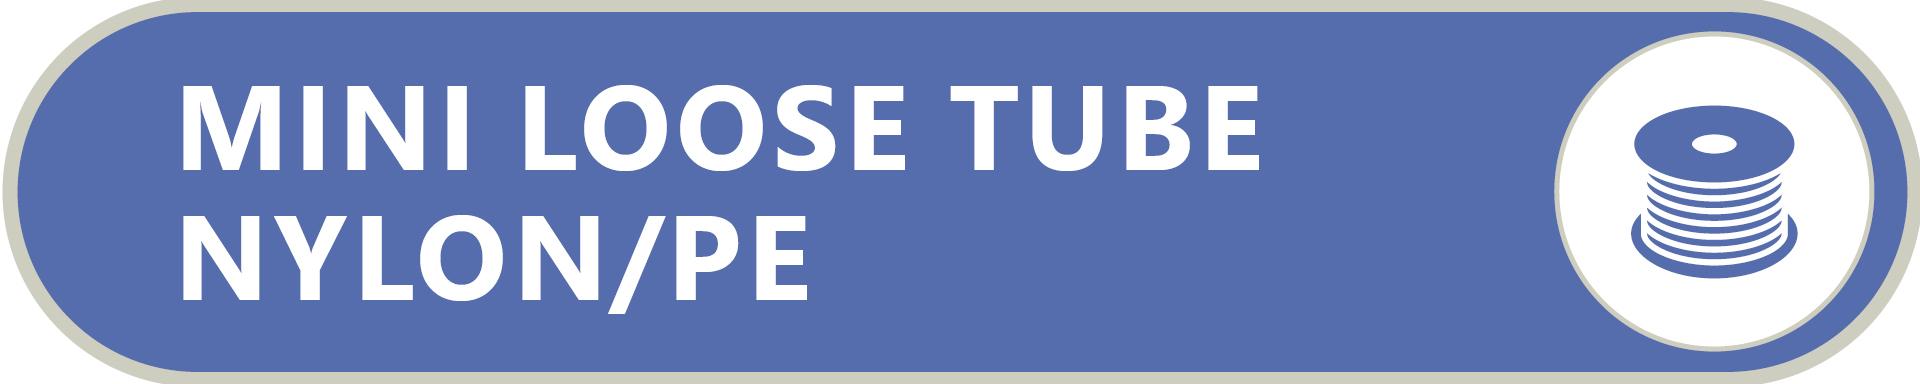 Mini Loose Tube Nylon/PE